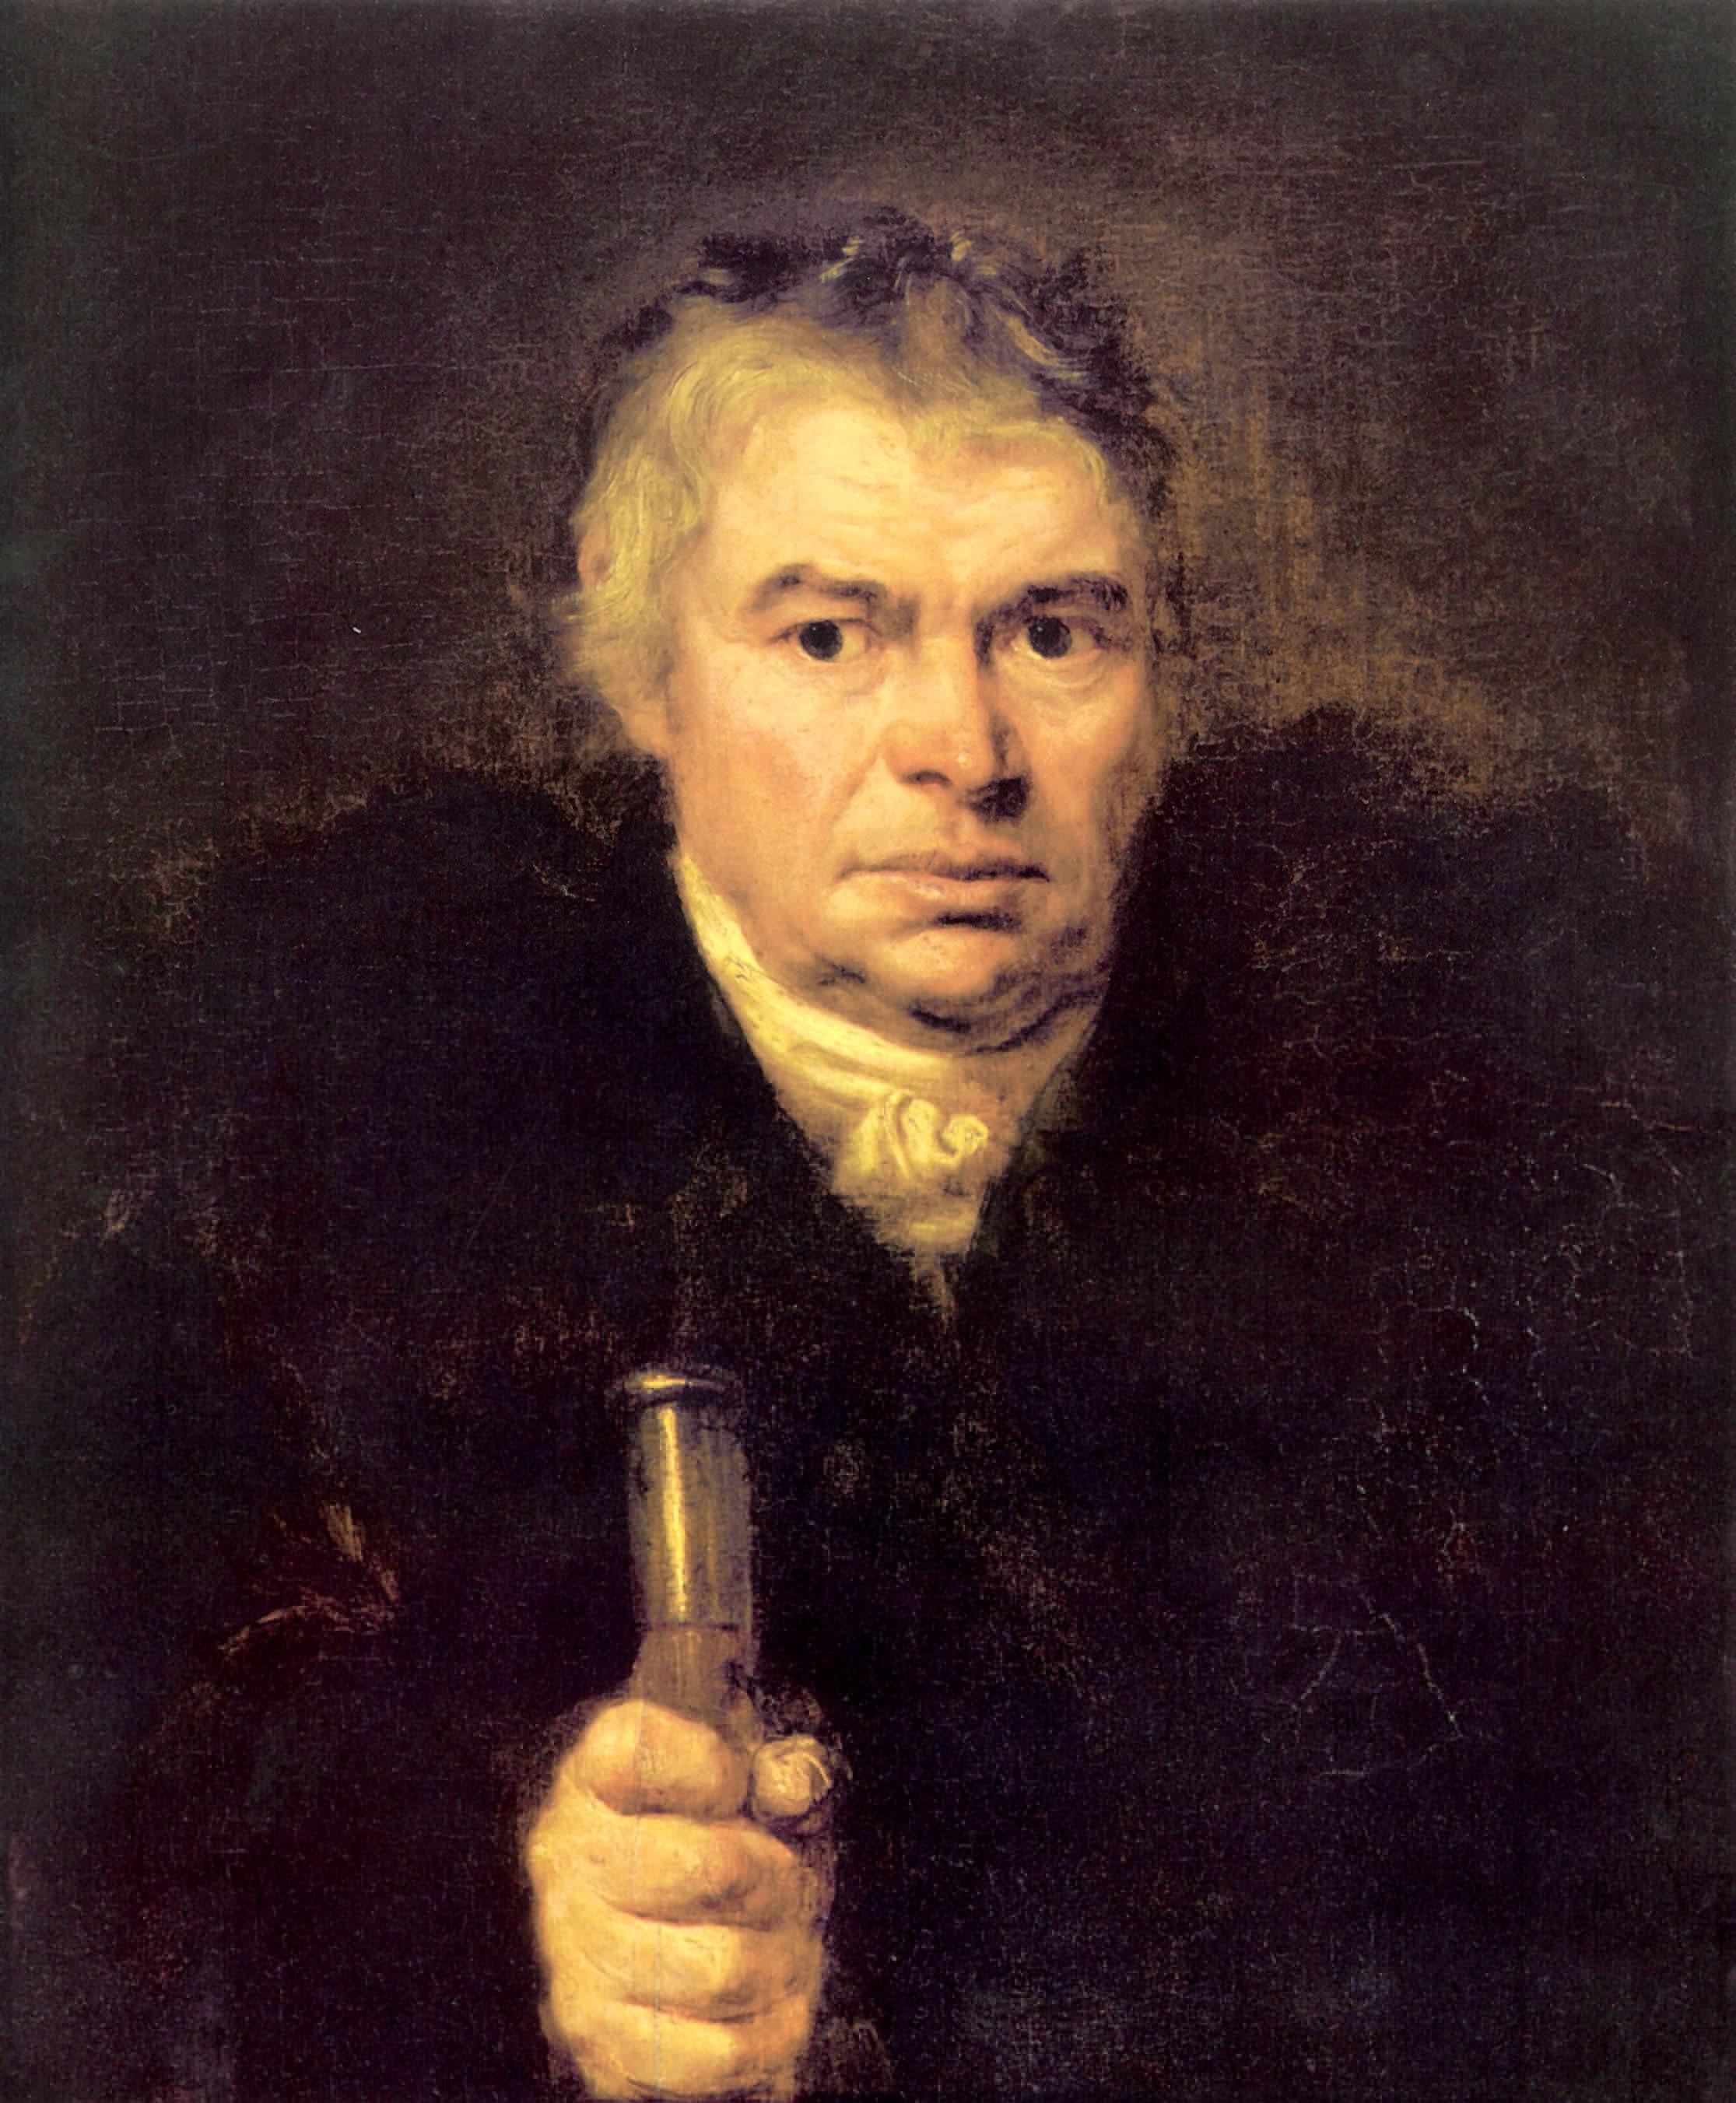 Портрет отца художника Адама Карловича Швальбе, Кипренский Орест Адамович